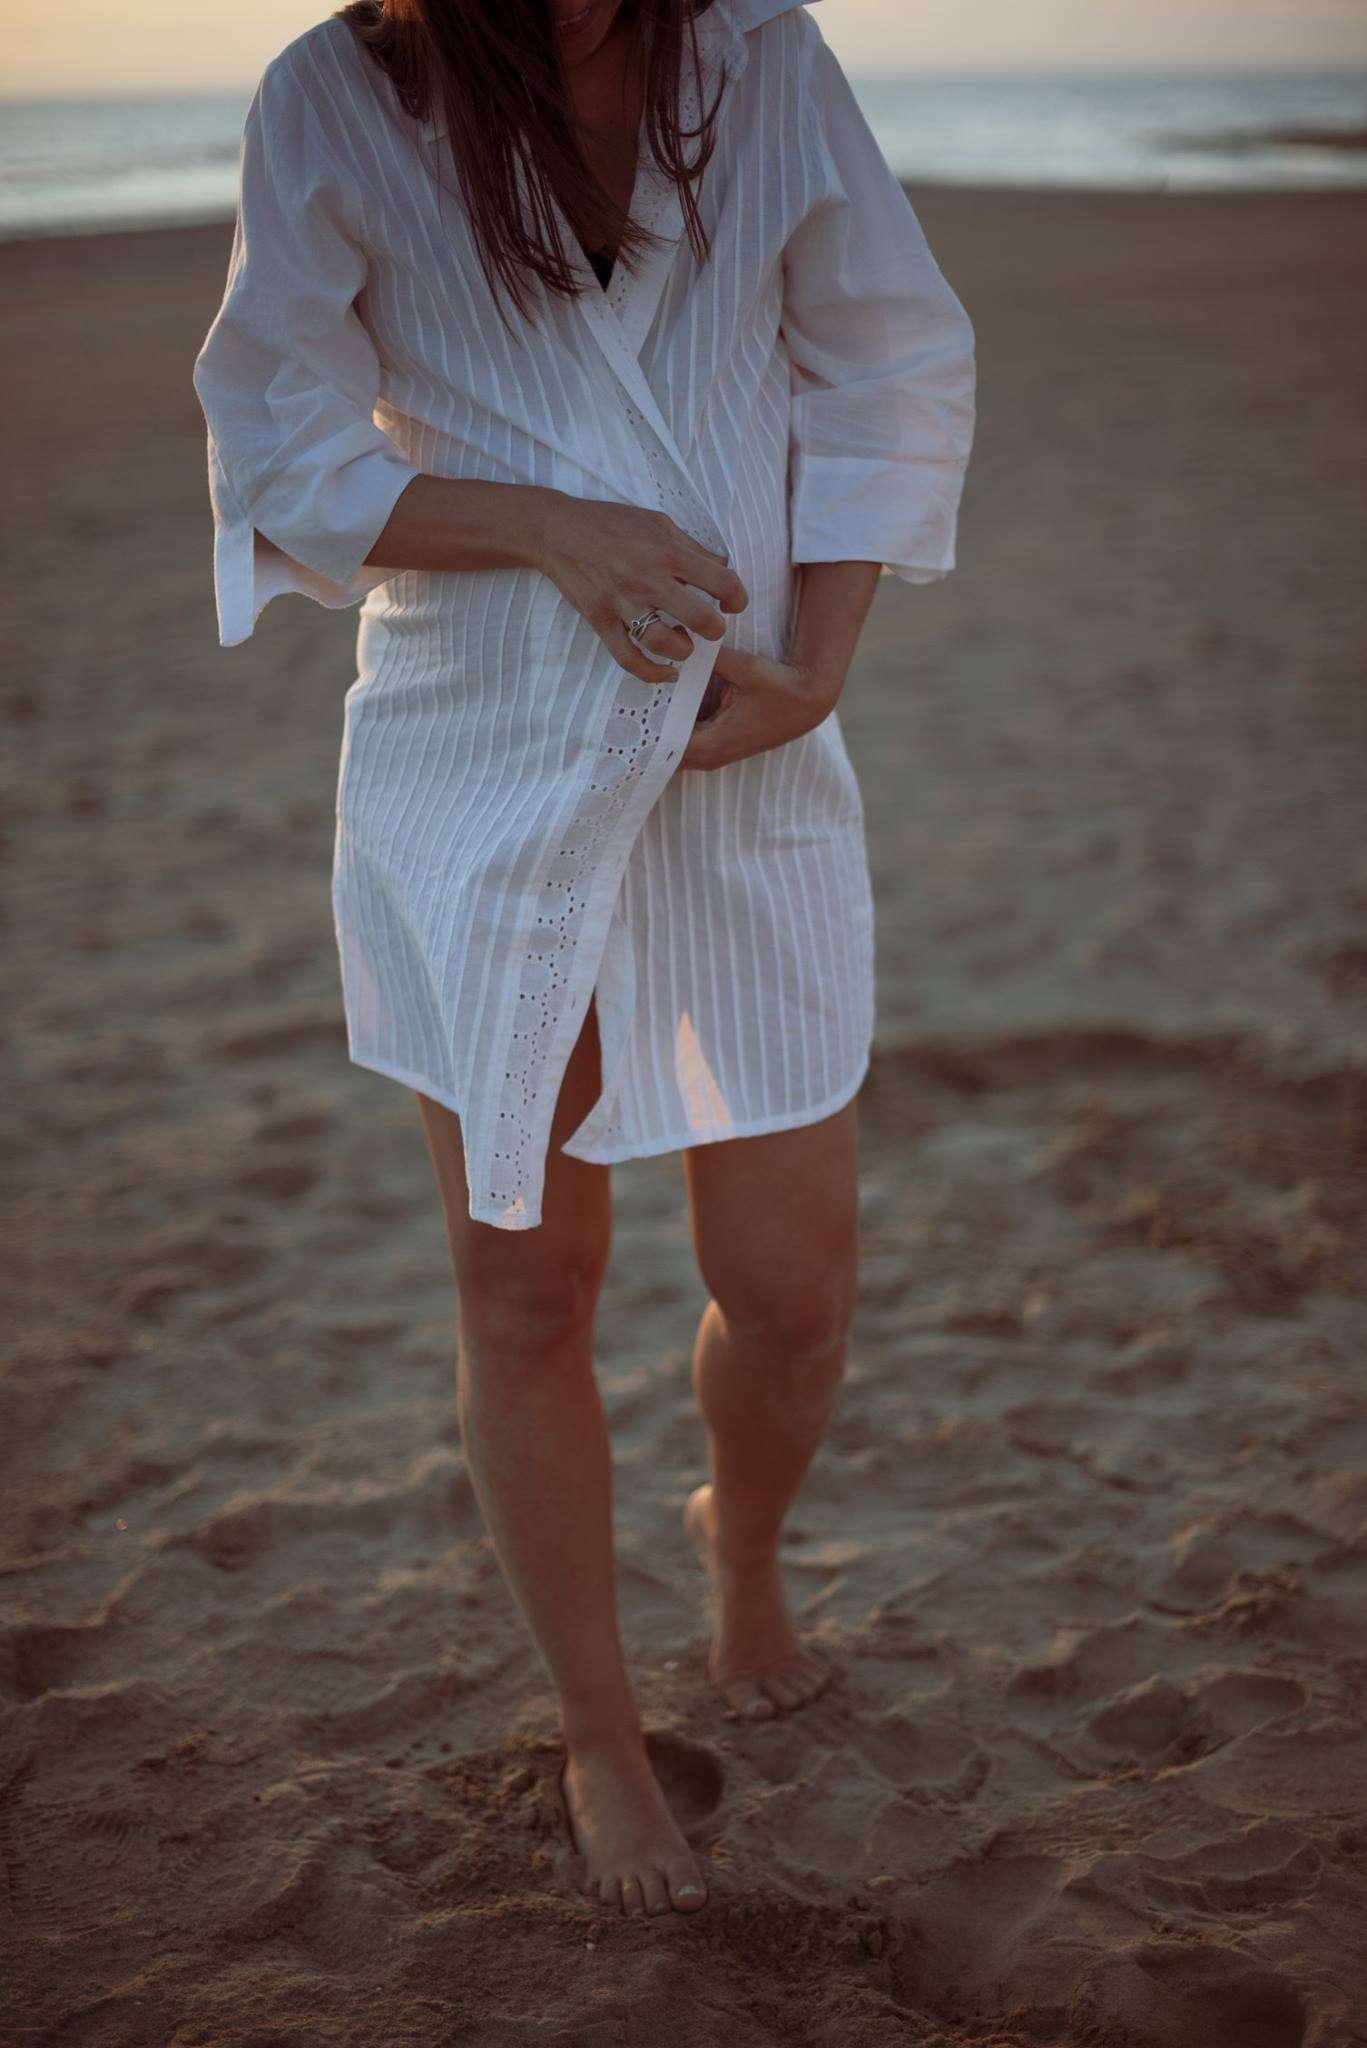 Fotografia maternity Napoli in spiaggia realizzata da Barbara Trincone fotografo specializzato in fotografia di gravidanza, genitorialità, nascita